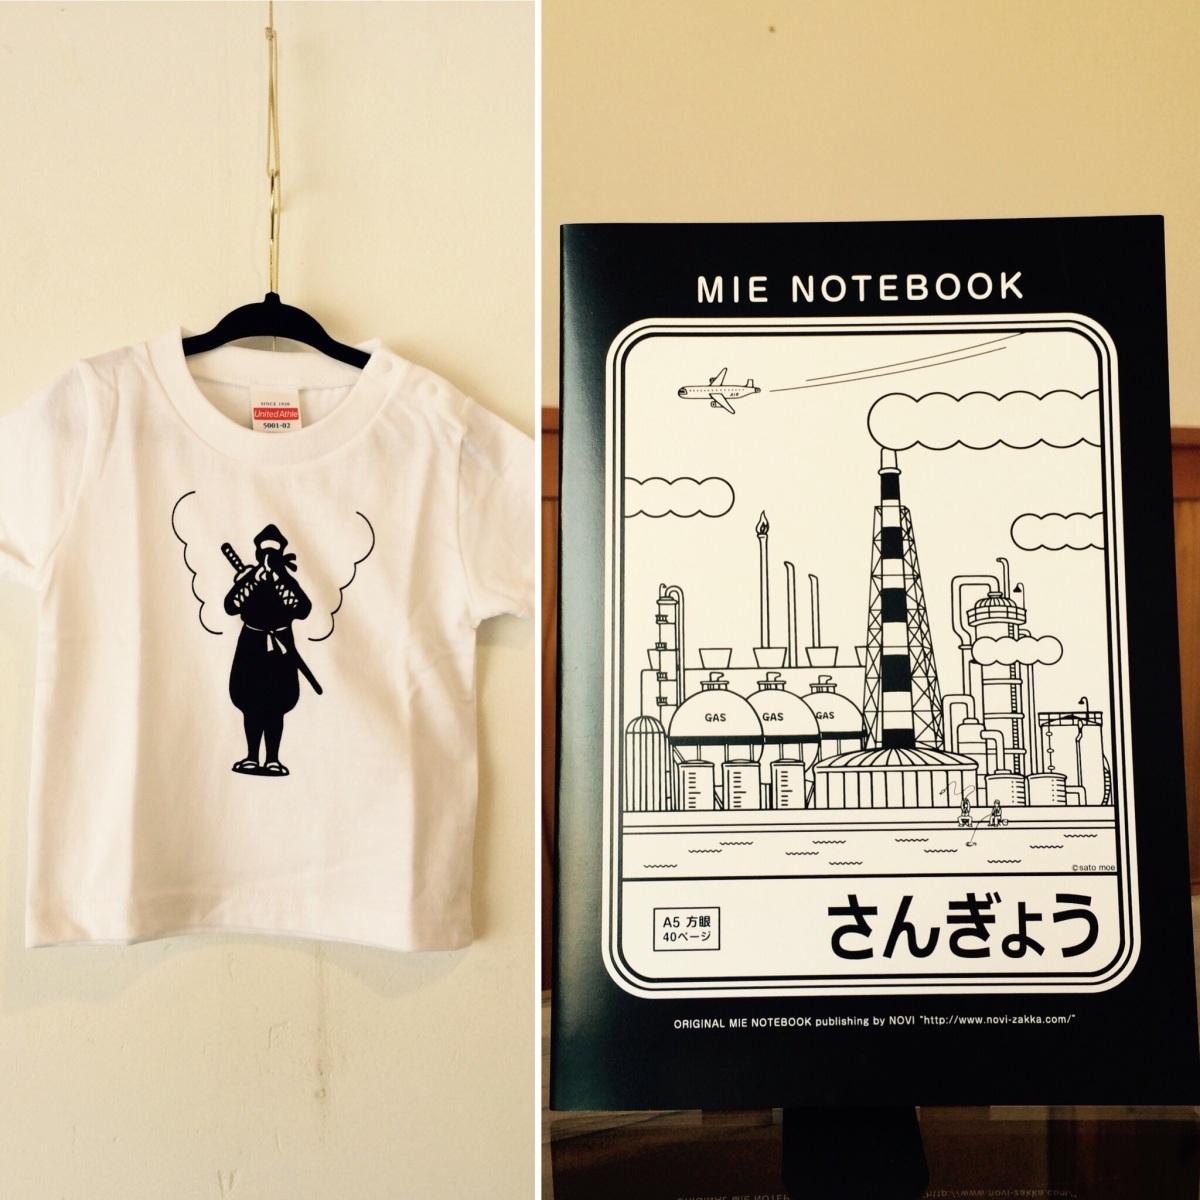 忍者Tシャツキッズサイズ&MIE NOTE BOOK さんぎょう